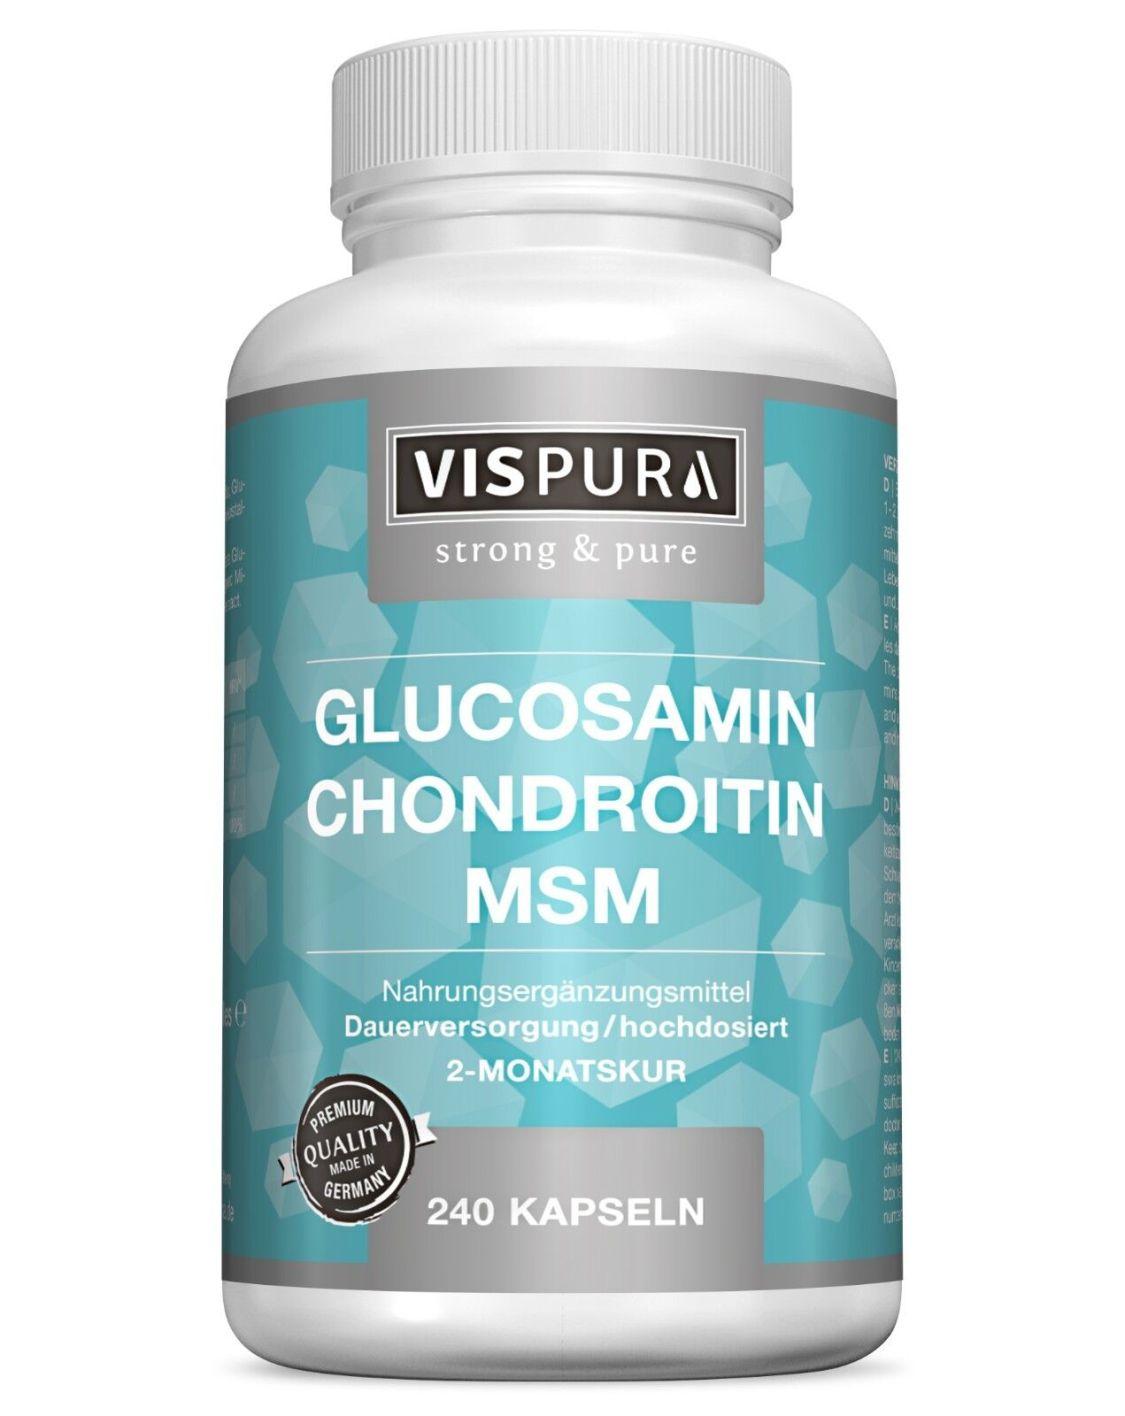 Glucosamin + Chondroitin + MSM 240 Kapseln 2 Monatskur BESTE BIOVERFÜGBARKEIT